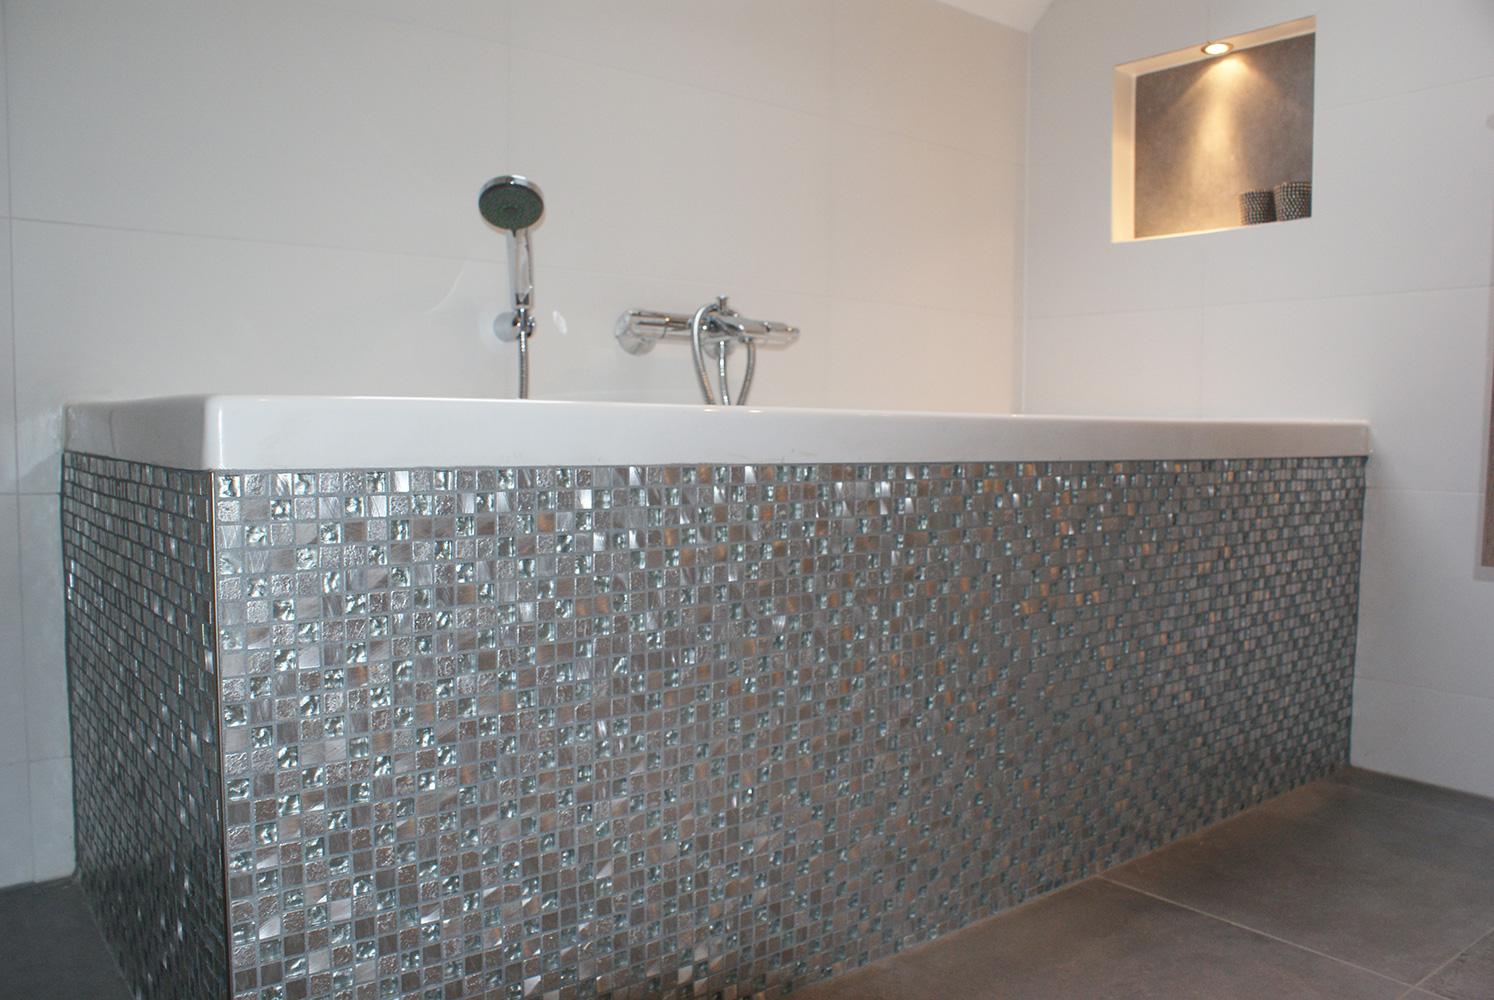 Badkamer Ideeen Mozaiek : Badkamer ideeen met mozaiek beste ideen over huis en interieur